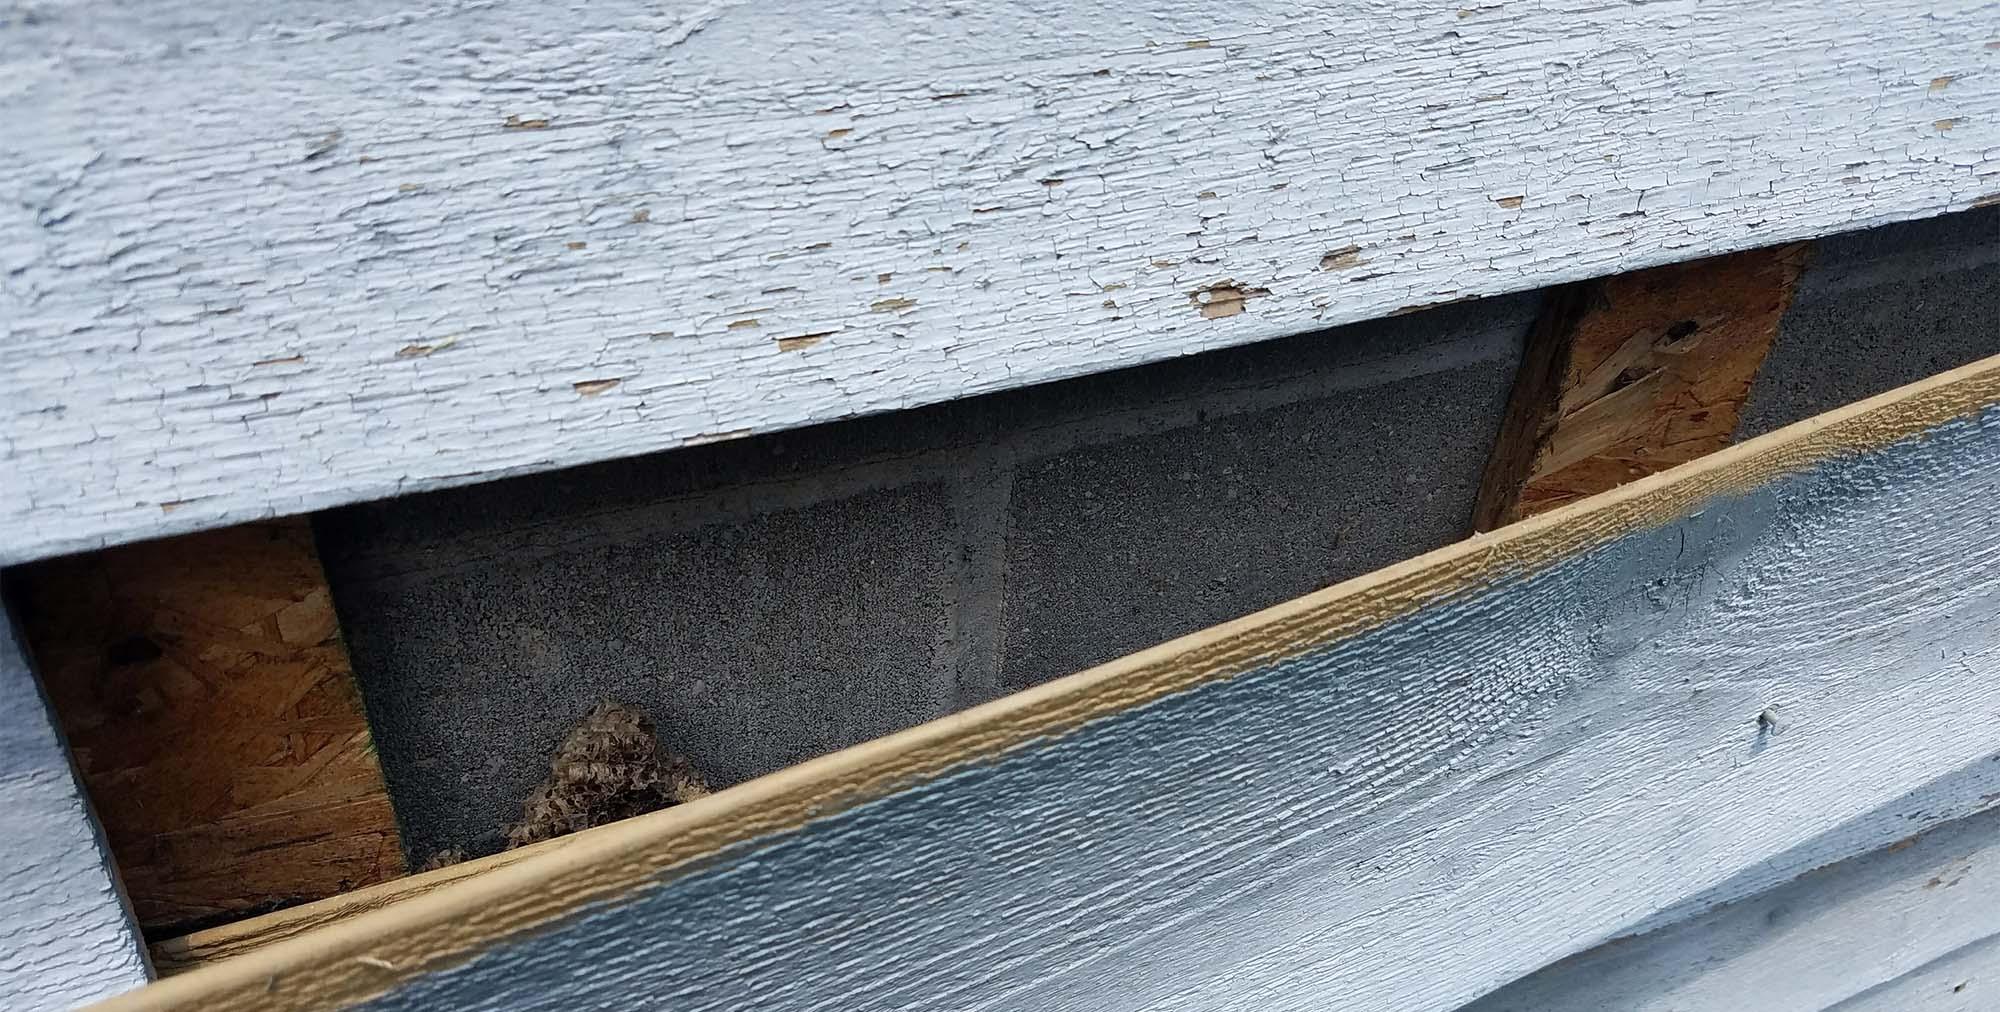 cedar shingle siding installed over masonry wall